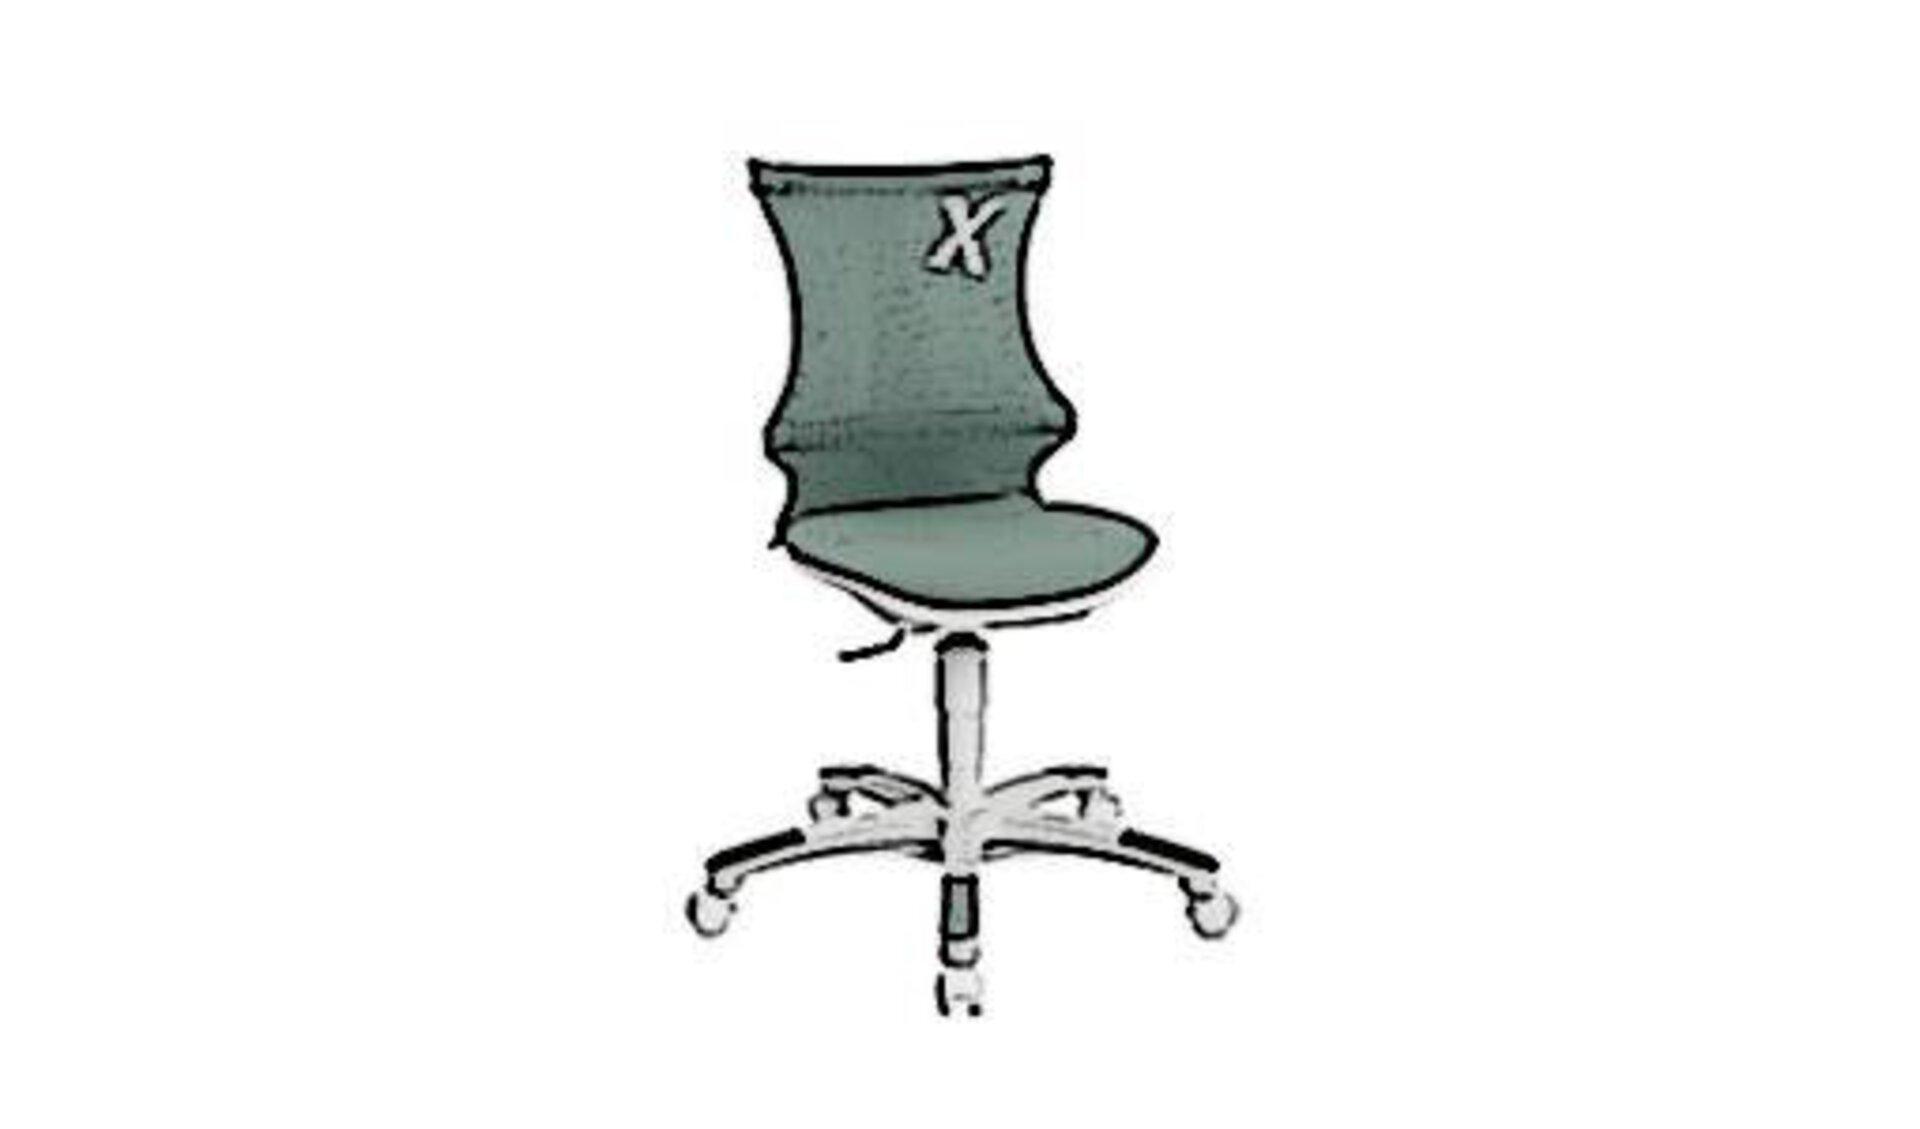 Icon für Kinderdrehstuhl zeigt einen kindgerechten Schreibtischstuhl in graugrüner Farbe.